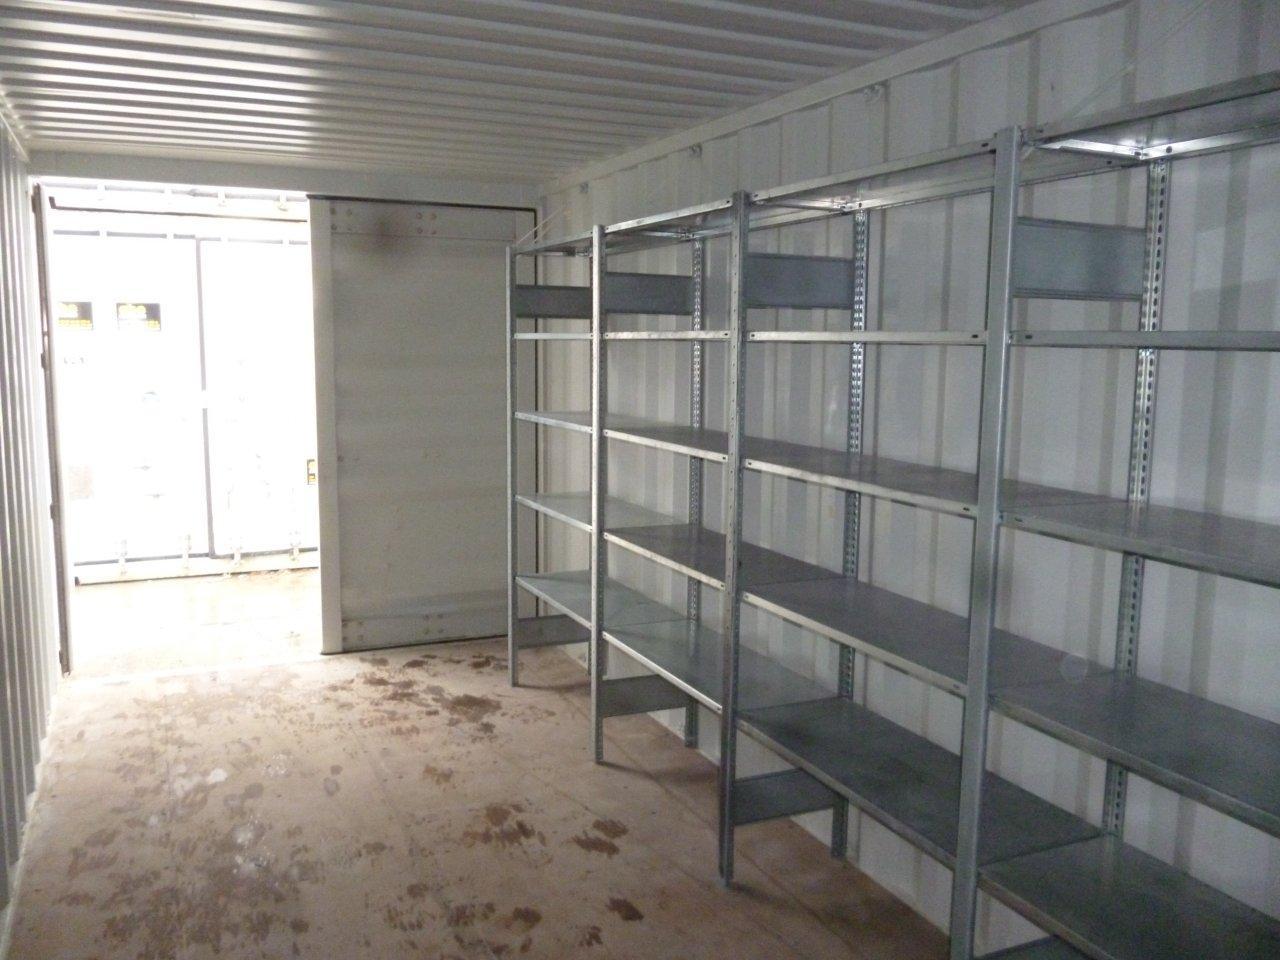 werkstattcontainer-fotos